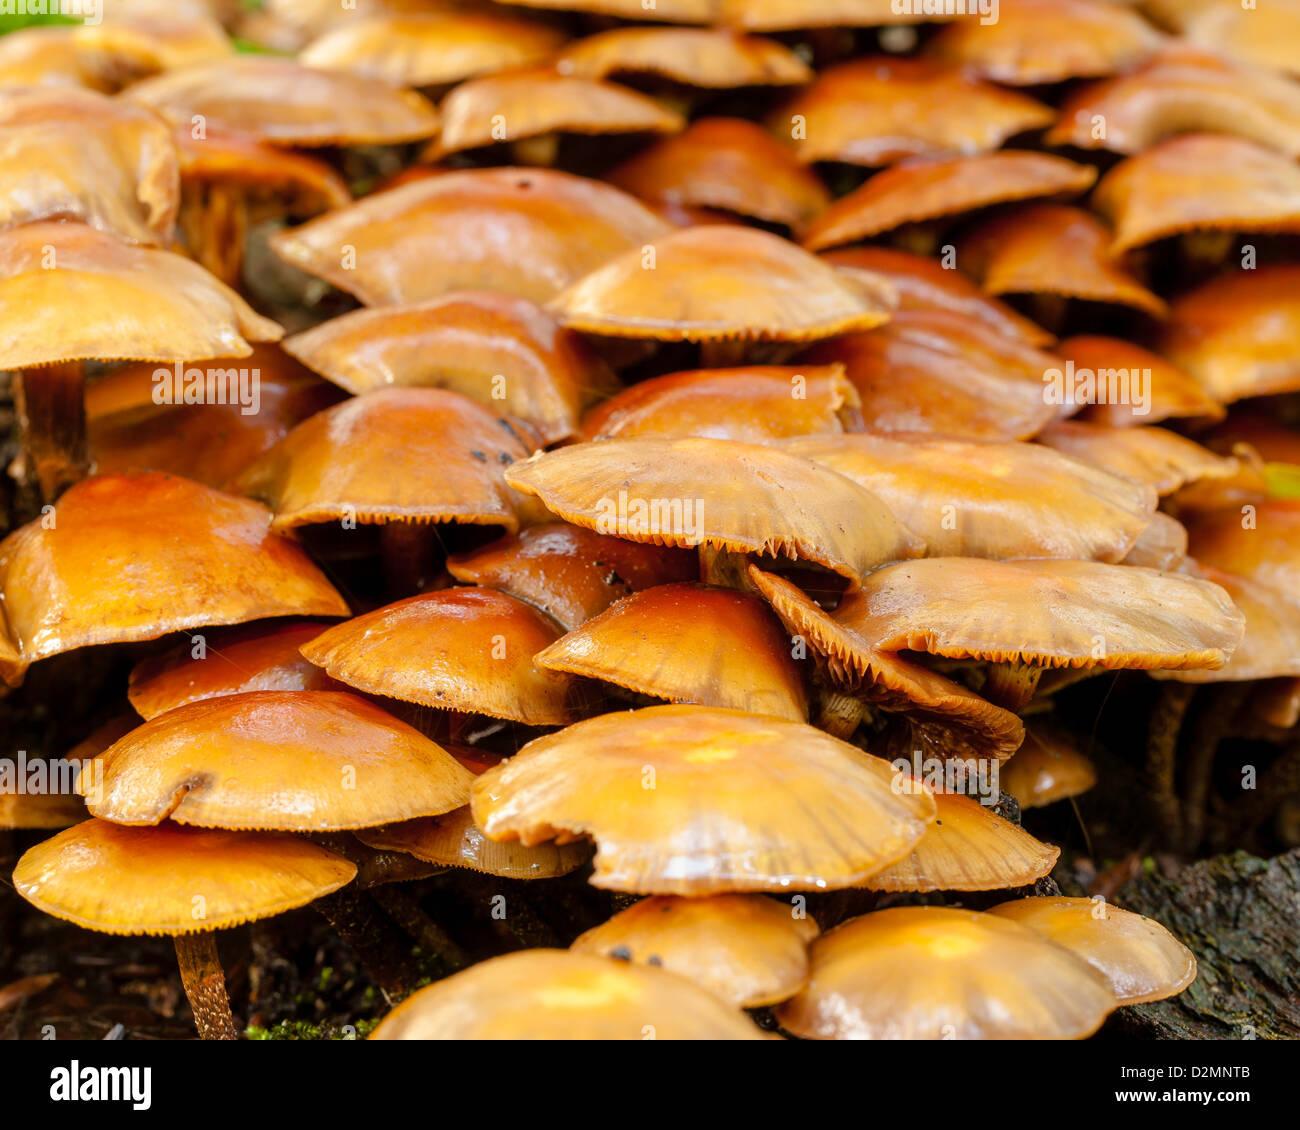 large mushroom tree stump stockfotos large mushroom tree stump bilder alamy. Black Bedroom Furniture Sets. Home Design Ideas